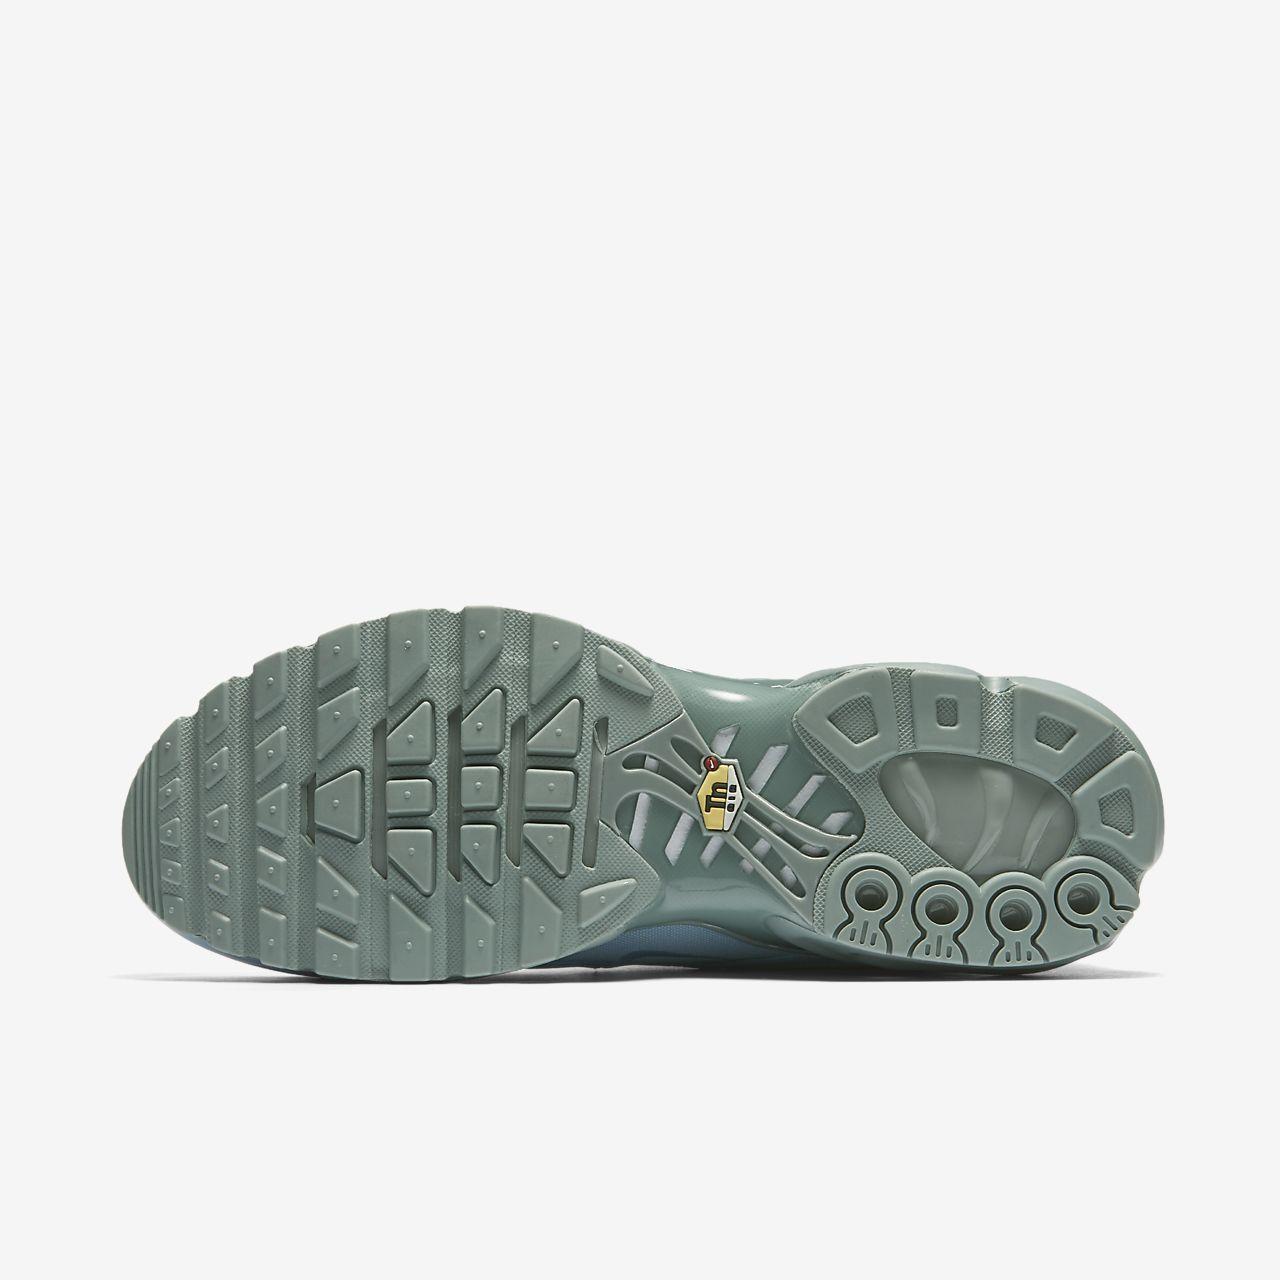 Nike Air Max Plus 97 Men's Shoe